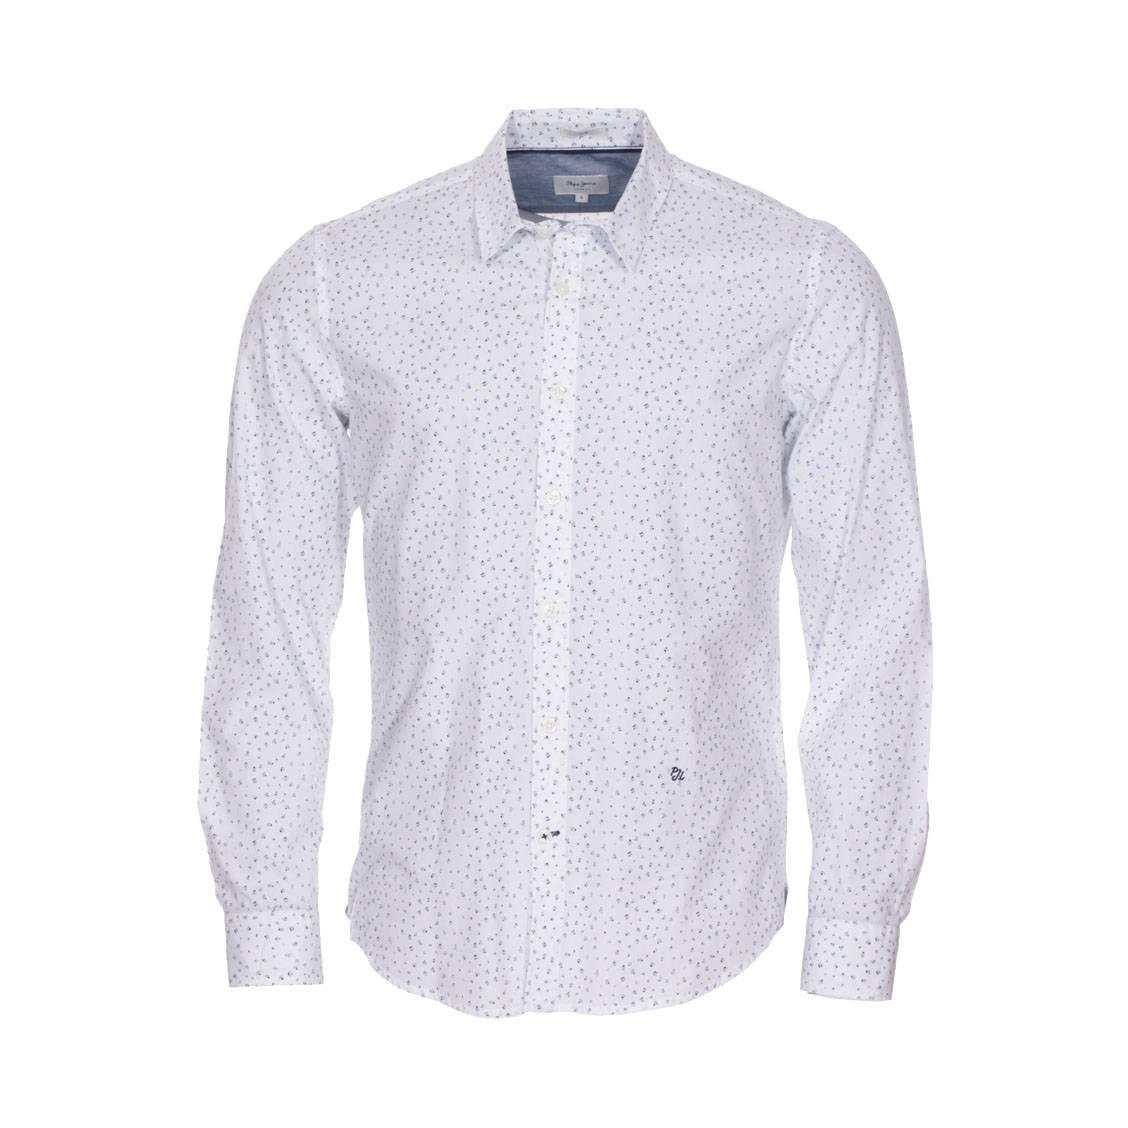 Chemise ajustée  en coton blanc à motifs bleus